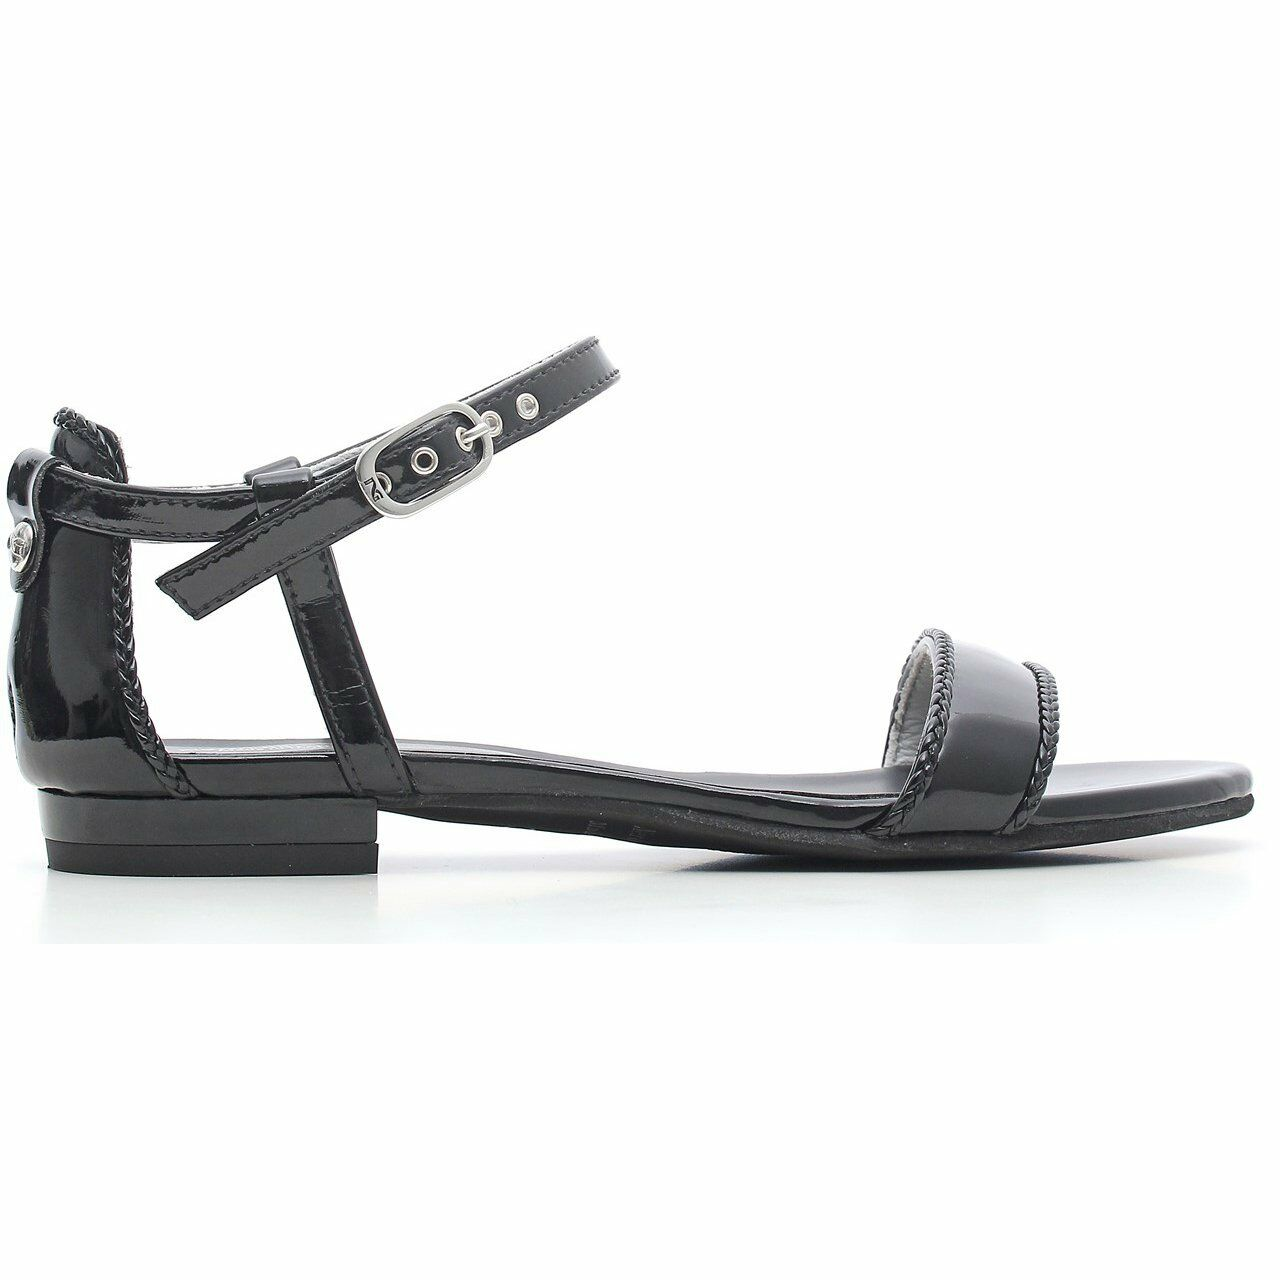 Sandalo NeroGiardini P615721D nuova collezione estate comodo OFFERTA SPECIALE